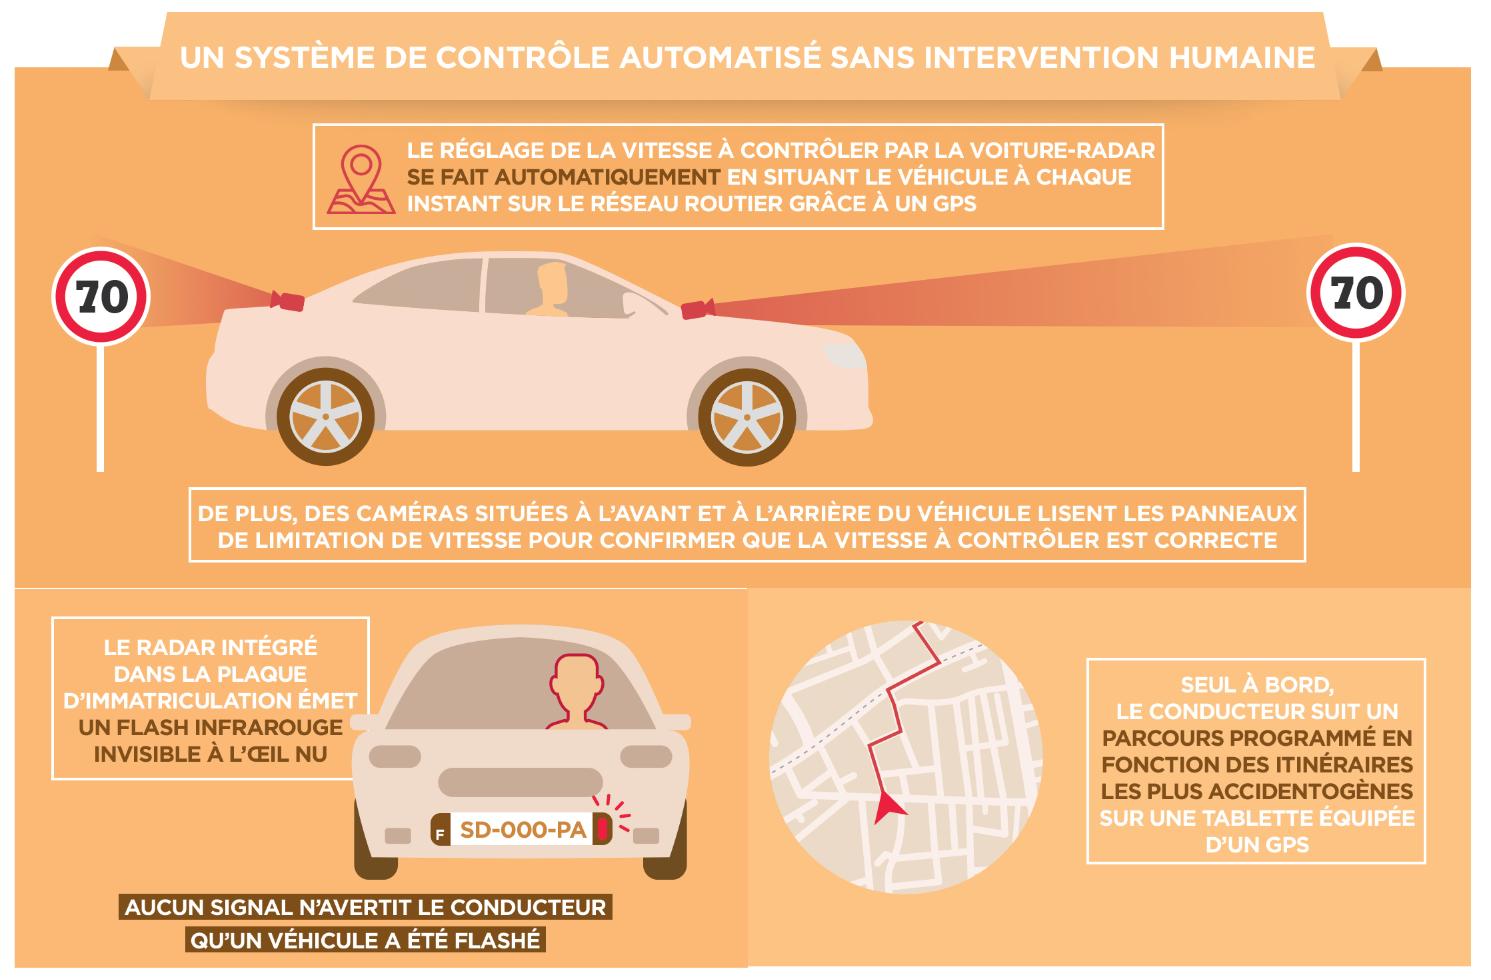 voitures-radars fonctionnement controle automatise